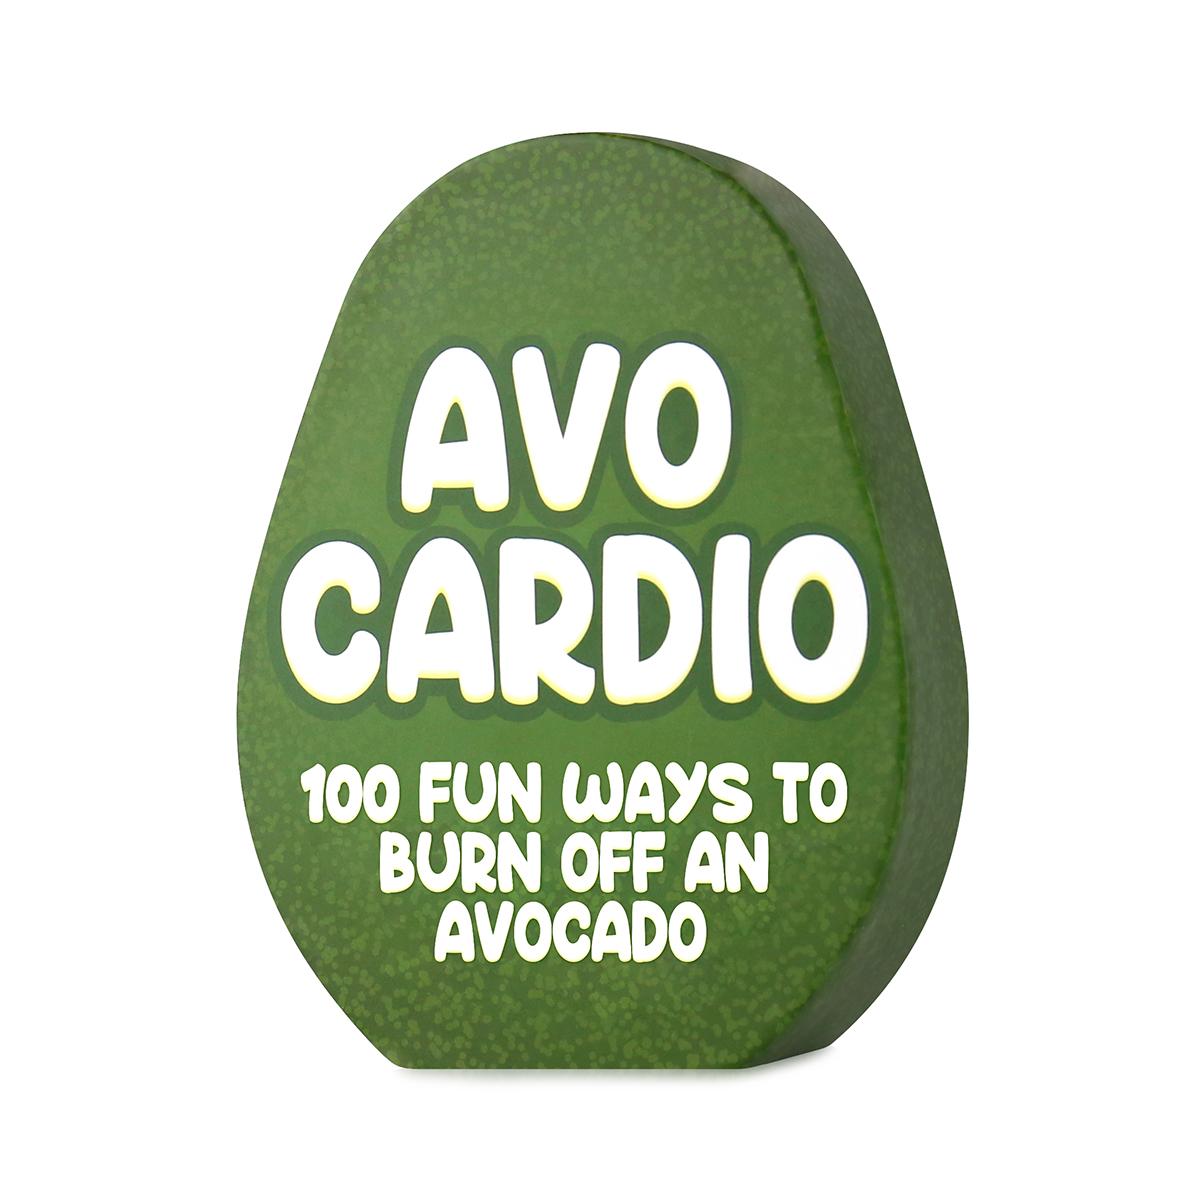 Avocardio 100 Fitness Ideeën Voor Een Avocado